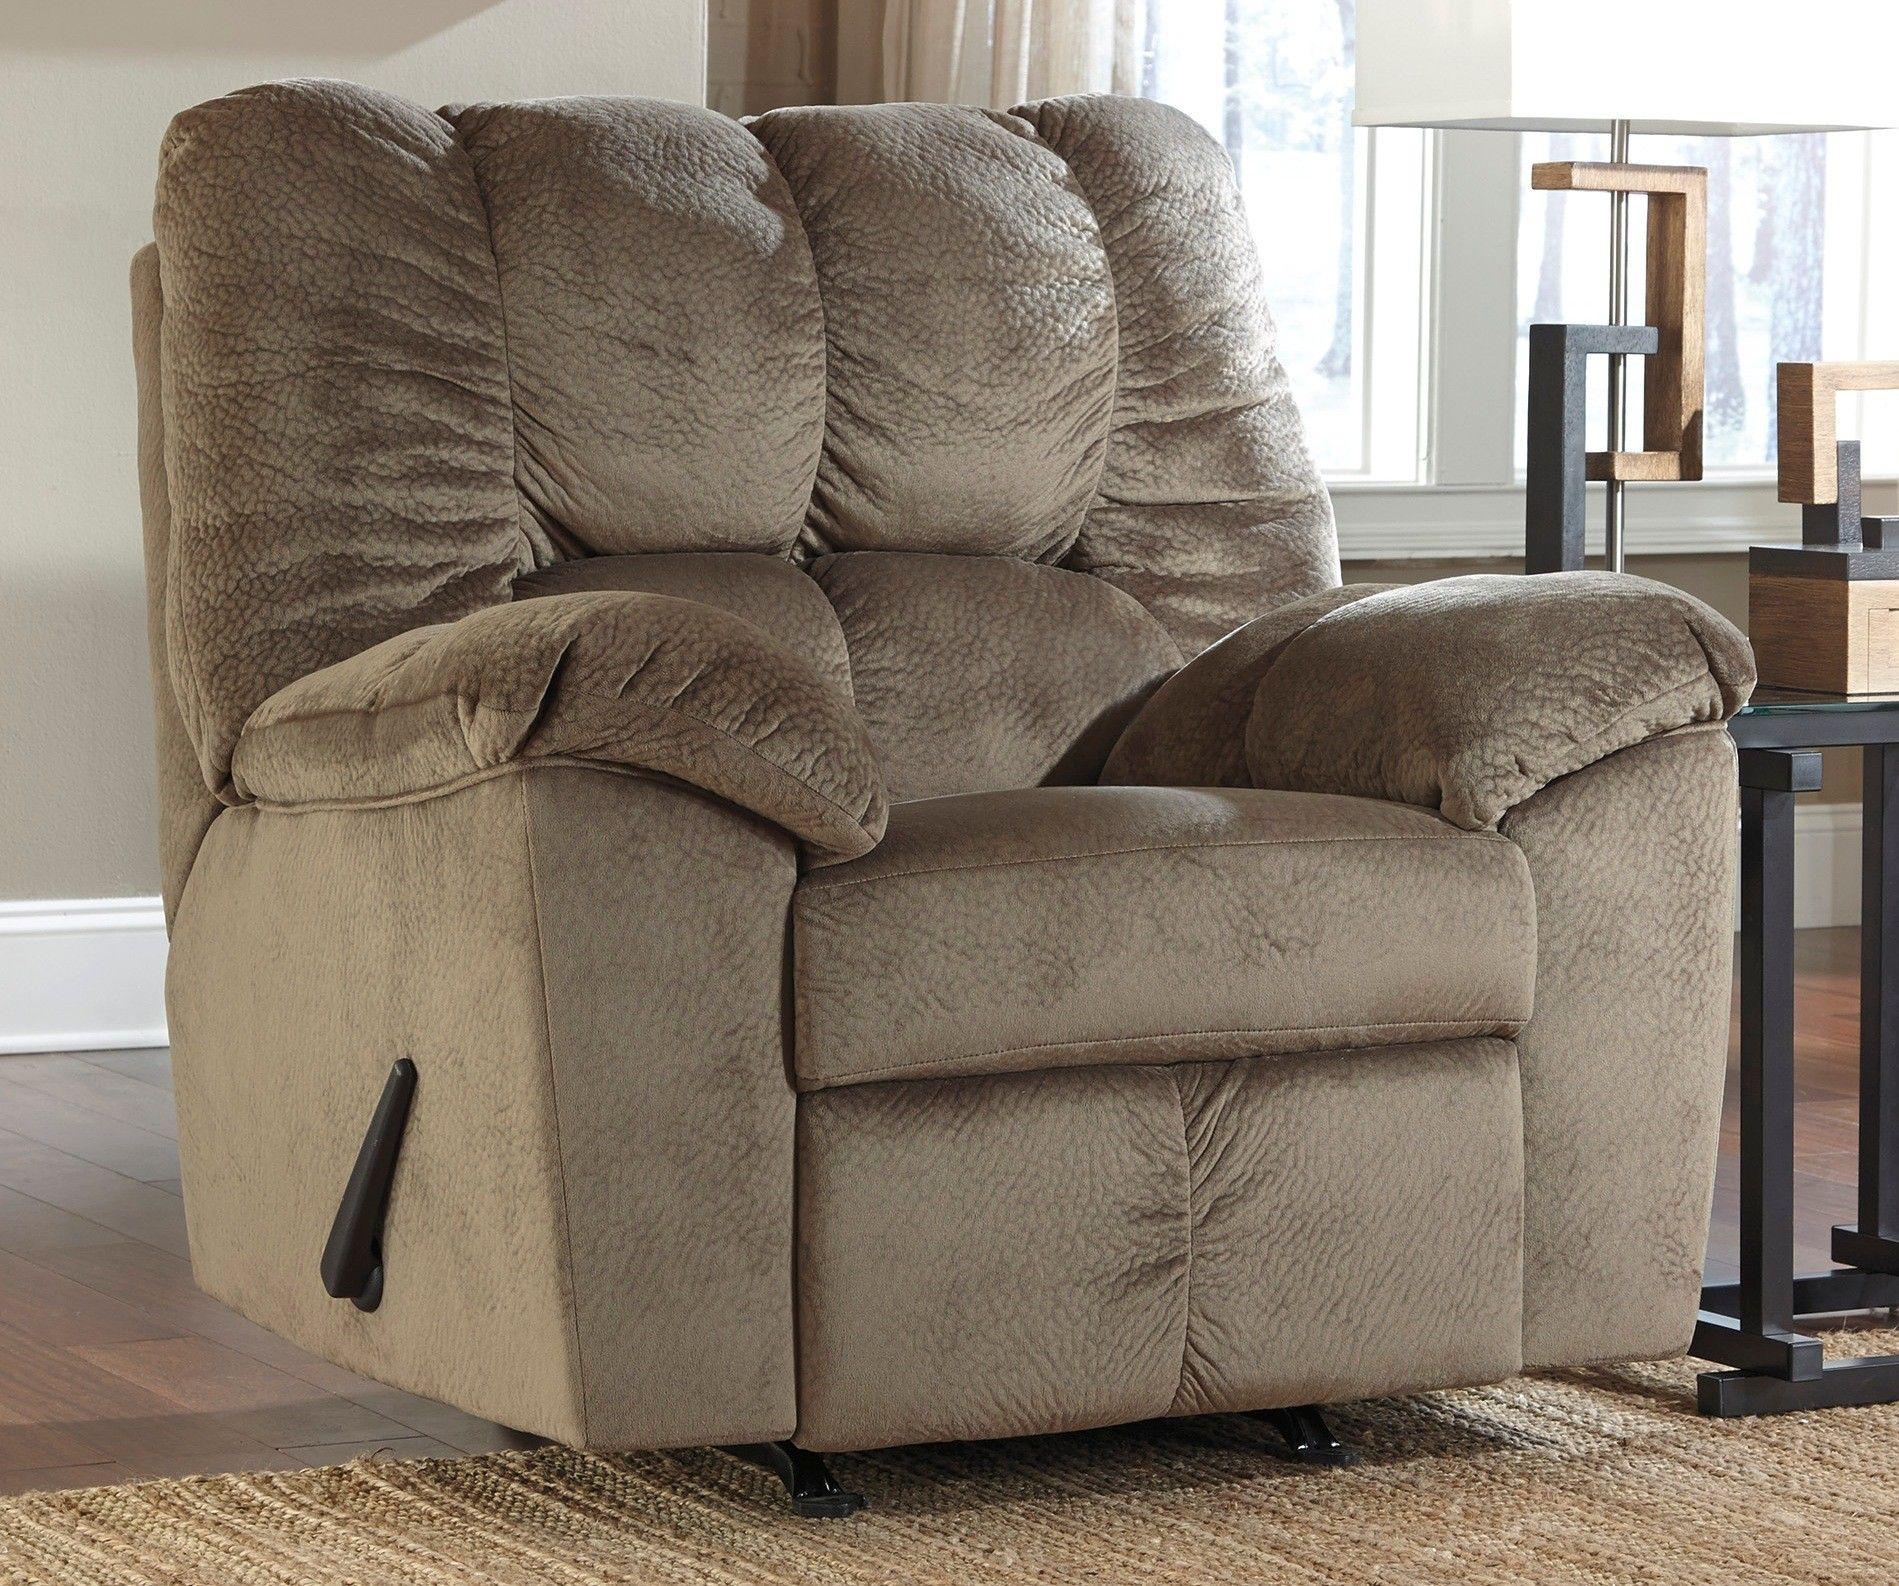 Merveilleux Ashley Recliner Chair